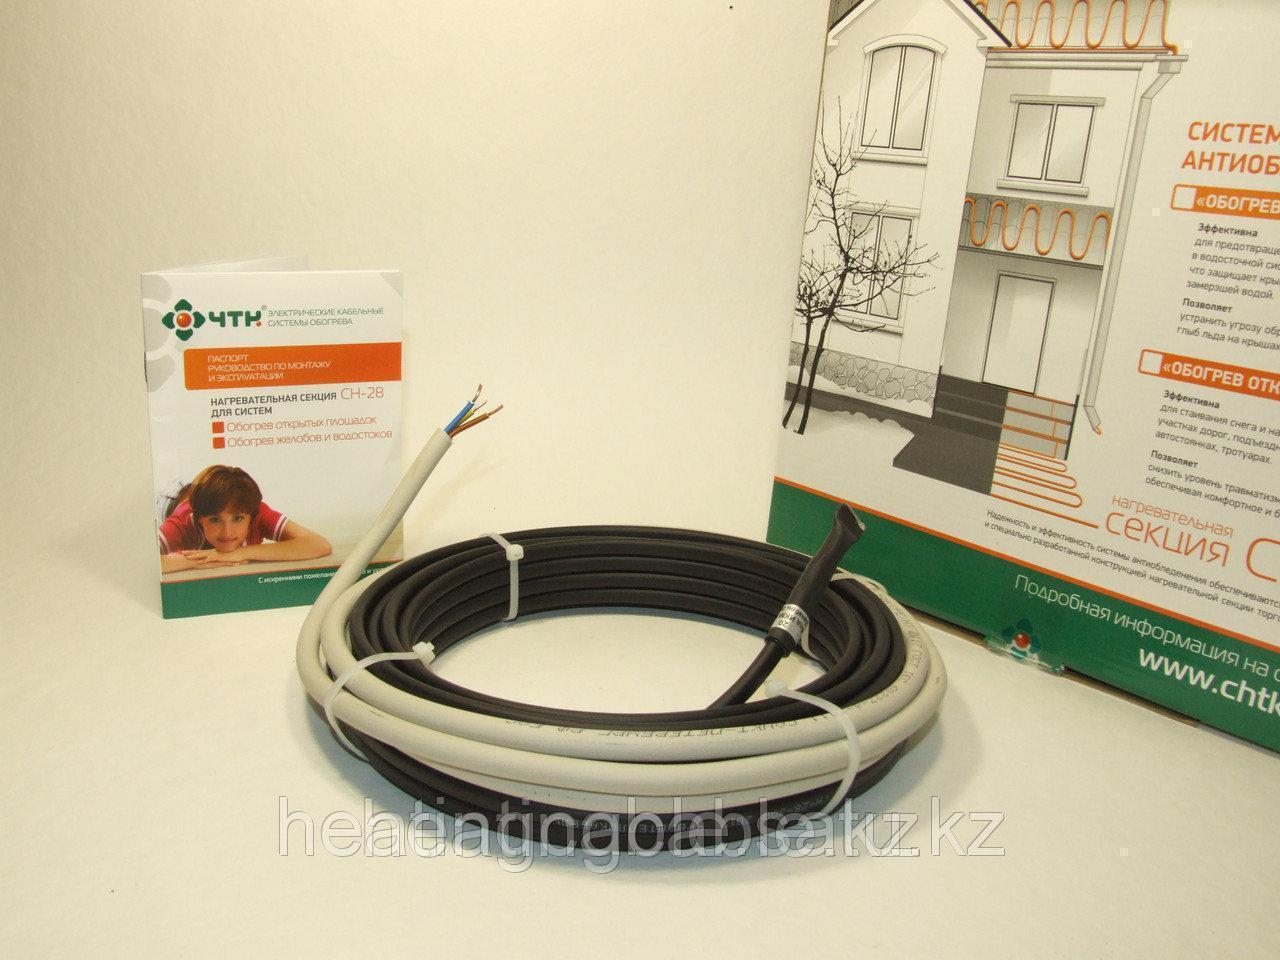 Нагревательный кабель СН-28 66м-1848Вт